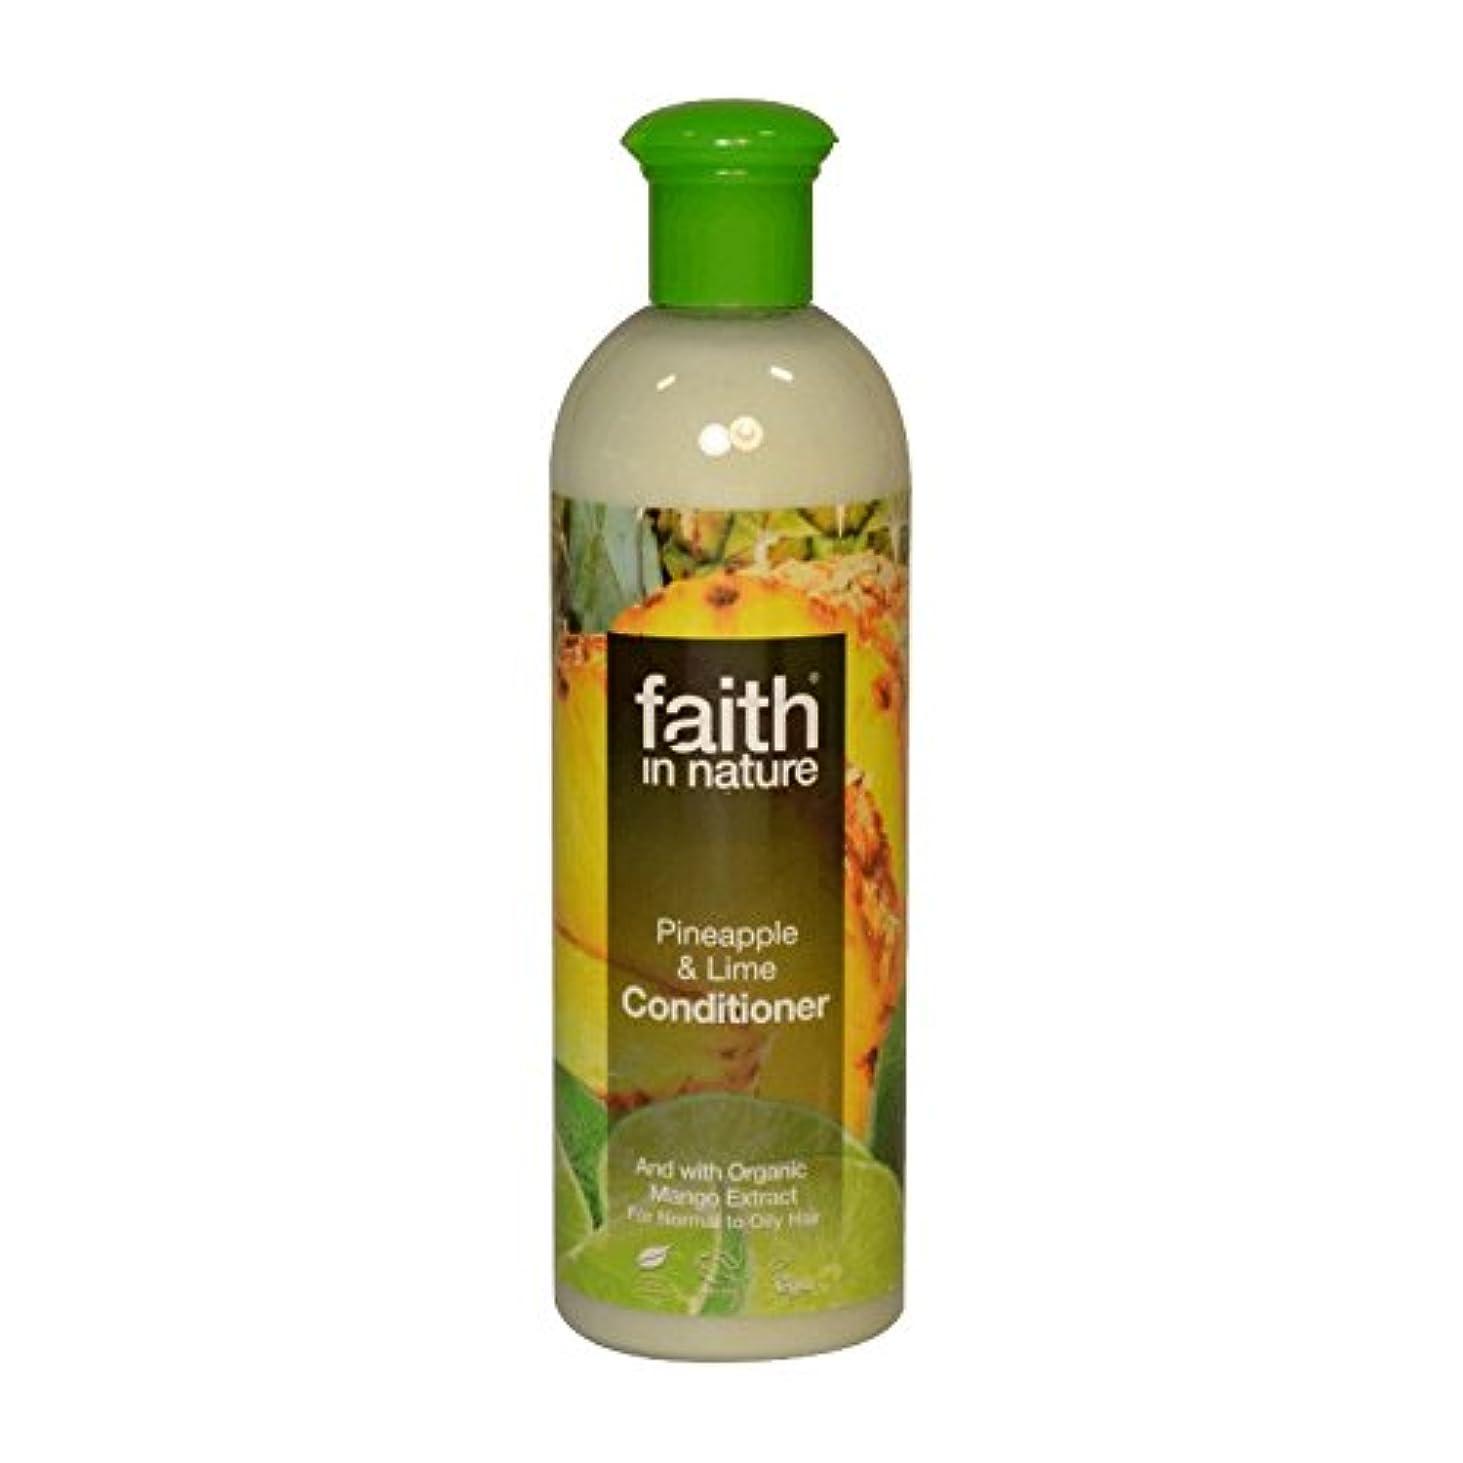 アダルト追加刈る自然パイナップル&ライムコンディショナー400ミリリットルの信仰 - Faith in Nature Pineapple & Lime Conditioner 400ml (Faith in Nature) [並行輸入品]